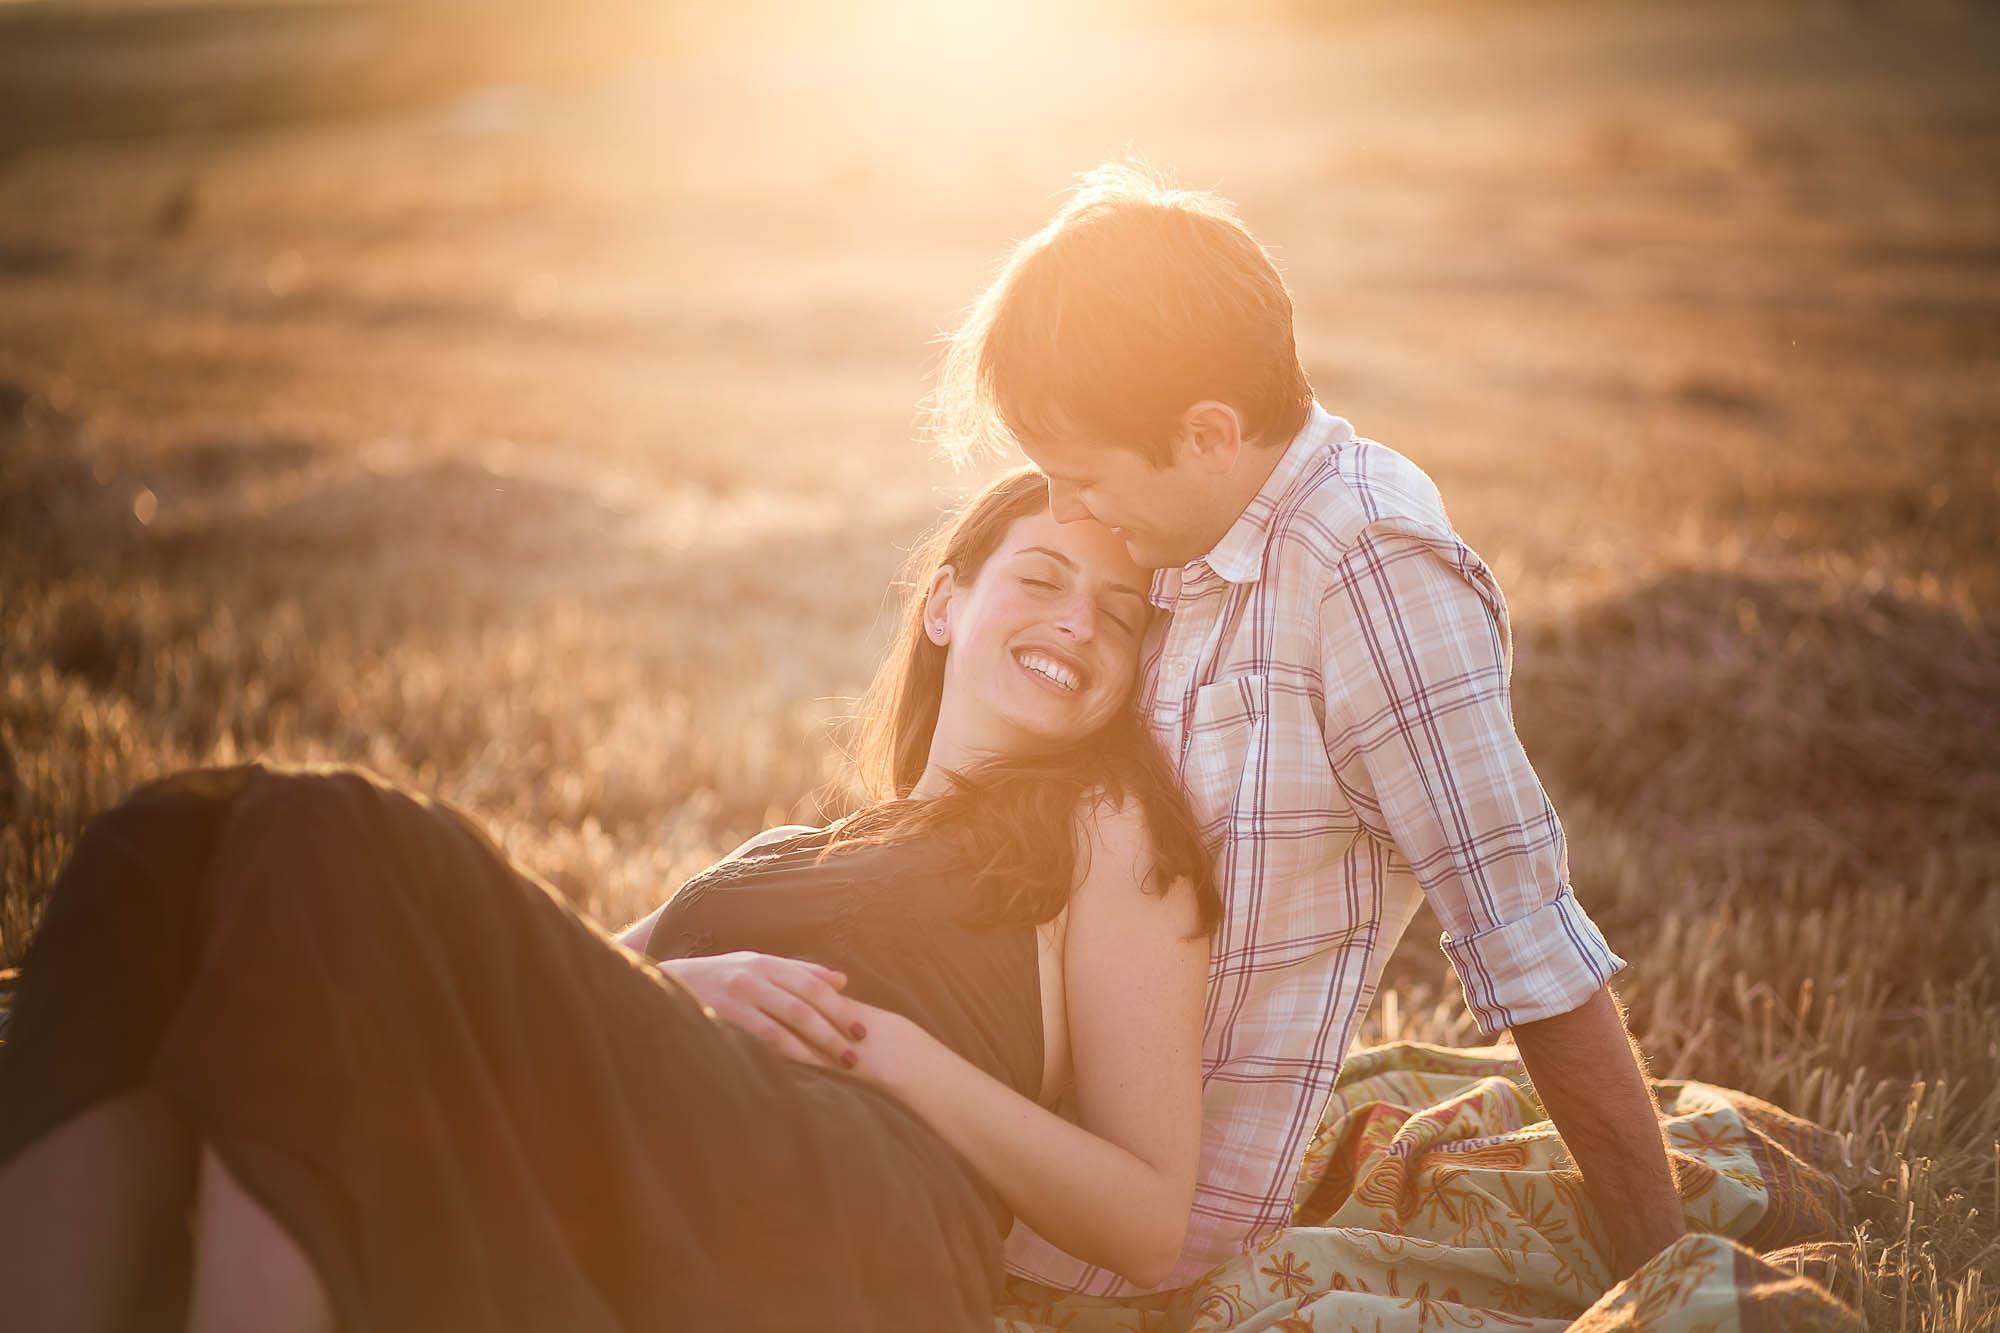 Ella sonríe junto al él sentados en medio del campo